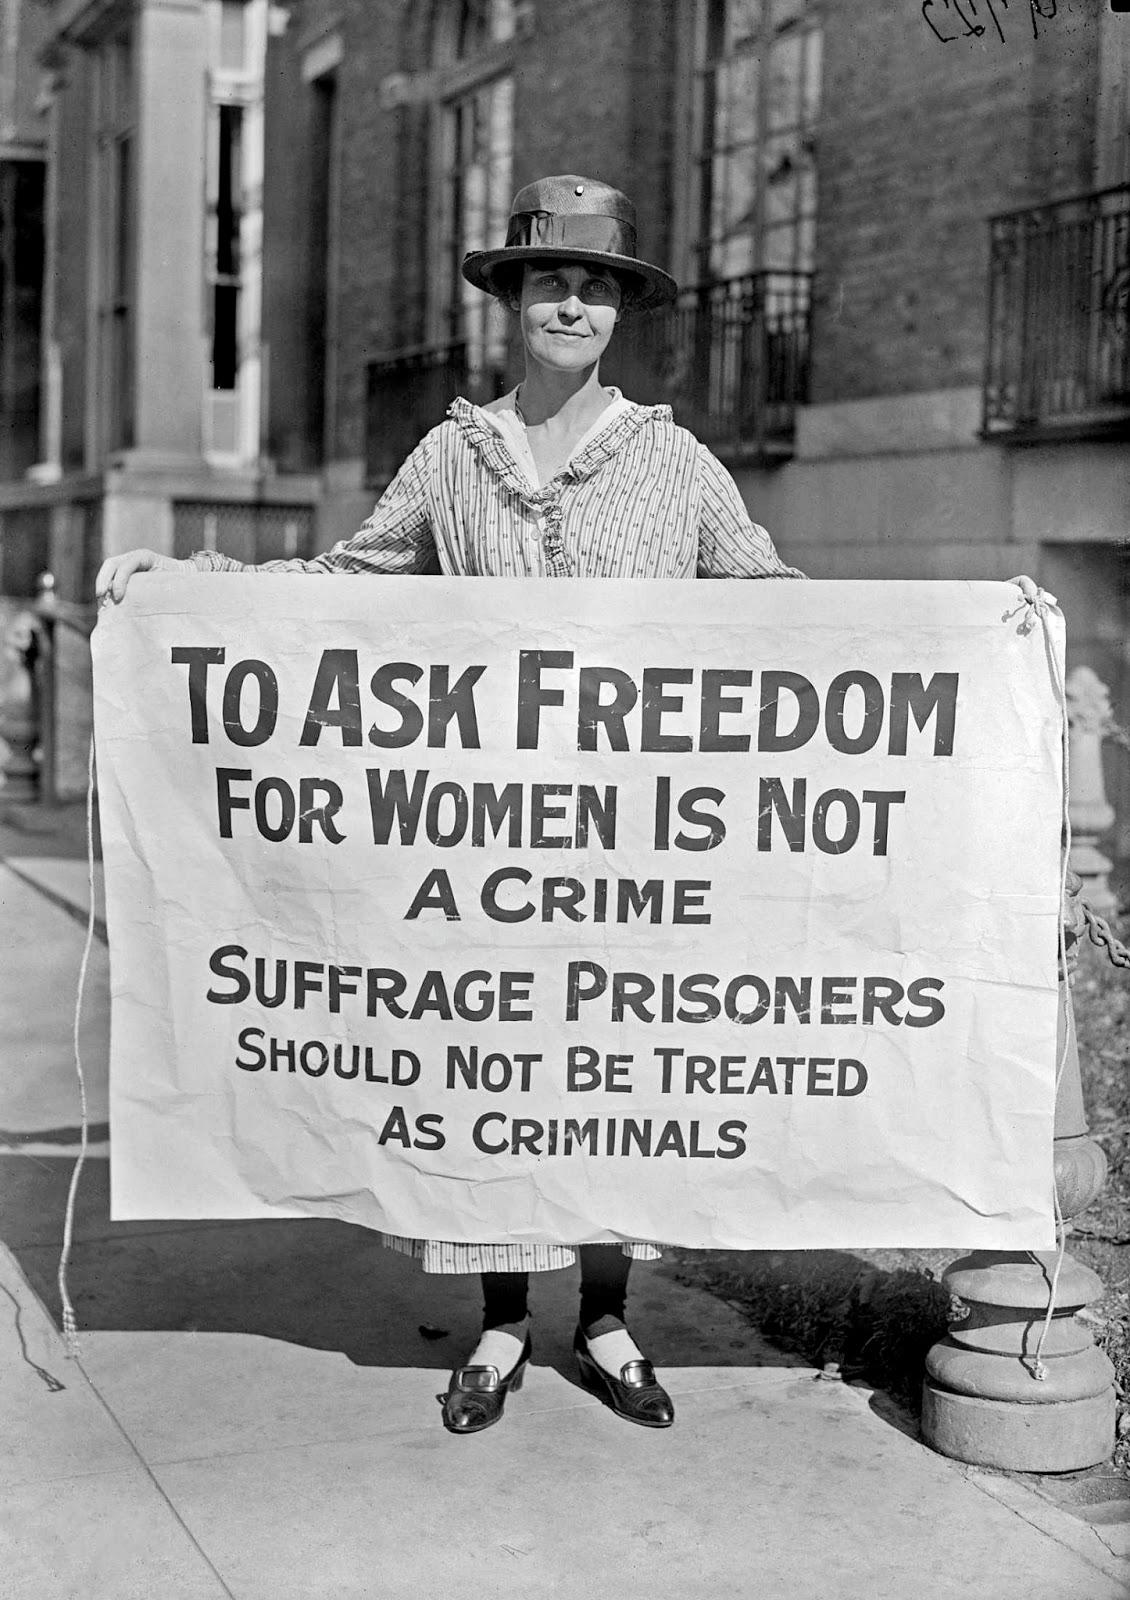 w suffrage essay w suffrage movement essay help get someonruskv trunktel com w suffrage movement essay help get someonruskv trunktel com